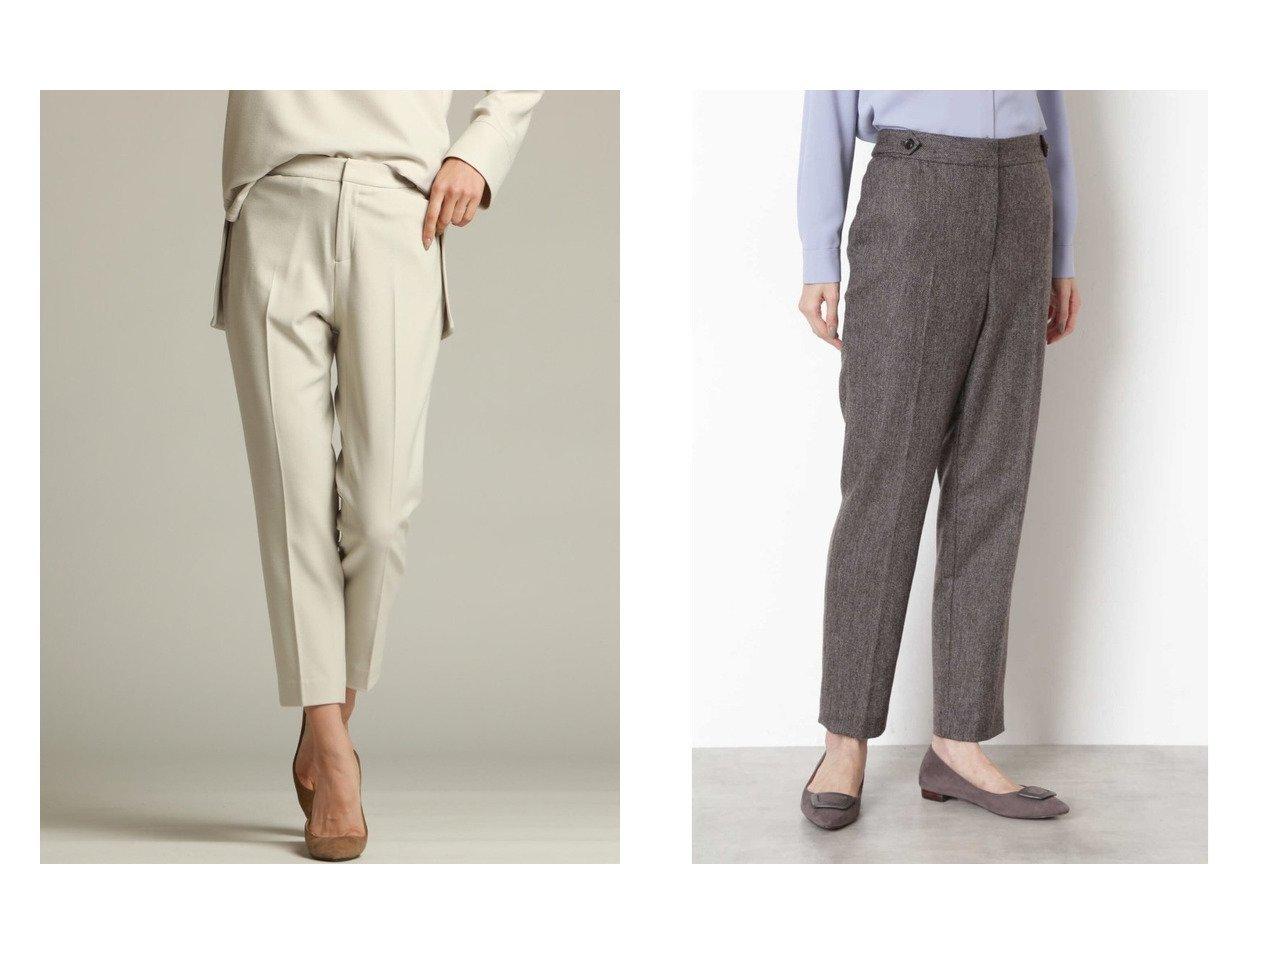 【NATURAL BEAUTY BASIC/ナチュラル ビューティー ベーシック】のヘリンボンツイードパンツ&【la.f.../ラ エフ】の《SET UPアイテム》ジョーゼット後ろウエストゴムテーパードパンツ パンツのおすすめ!人気、レディースファッションの通販  おすすめで人気のファッション通販商品 インテリア・家具・キッズファッション・メンズファッション・レディースファッション・服の通販 founy(ファニー) https://founy.com/ ファッション Fashion レディース WOMEN パンツ Pants ジョーゼット ジーンズ ストレッチ セットアップ フィット センター ヘリンボーン |ID:crp329100000004017